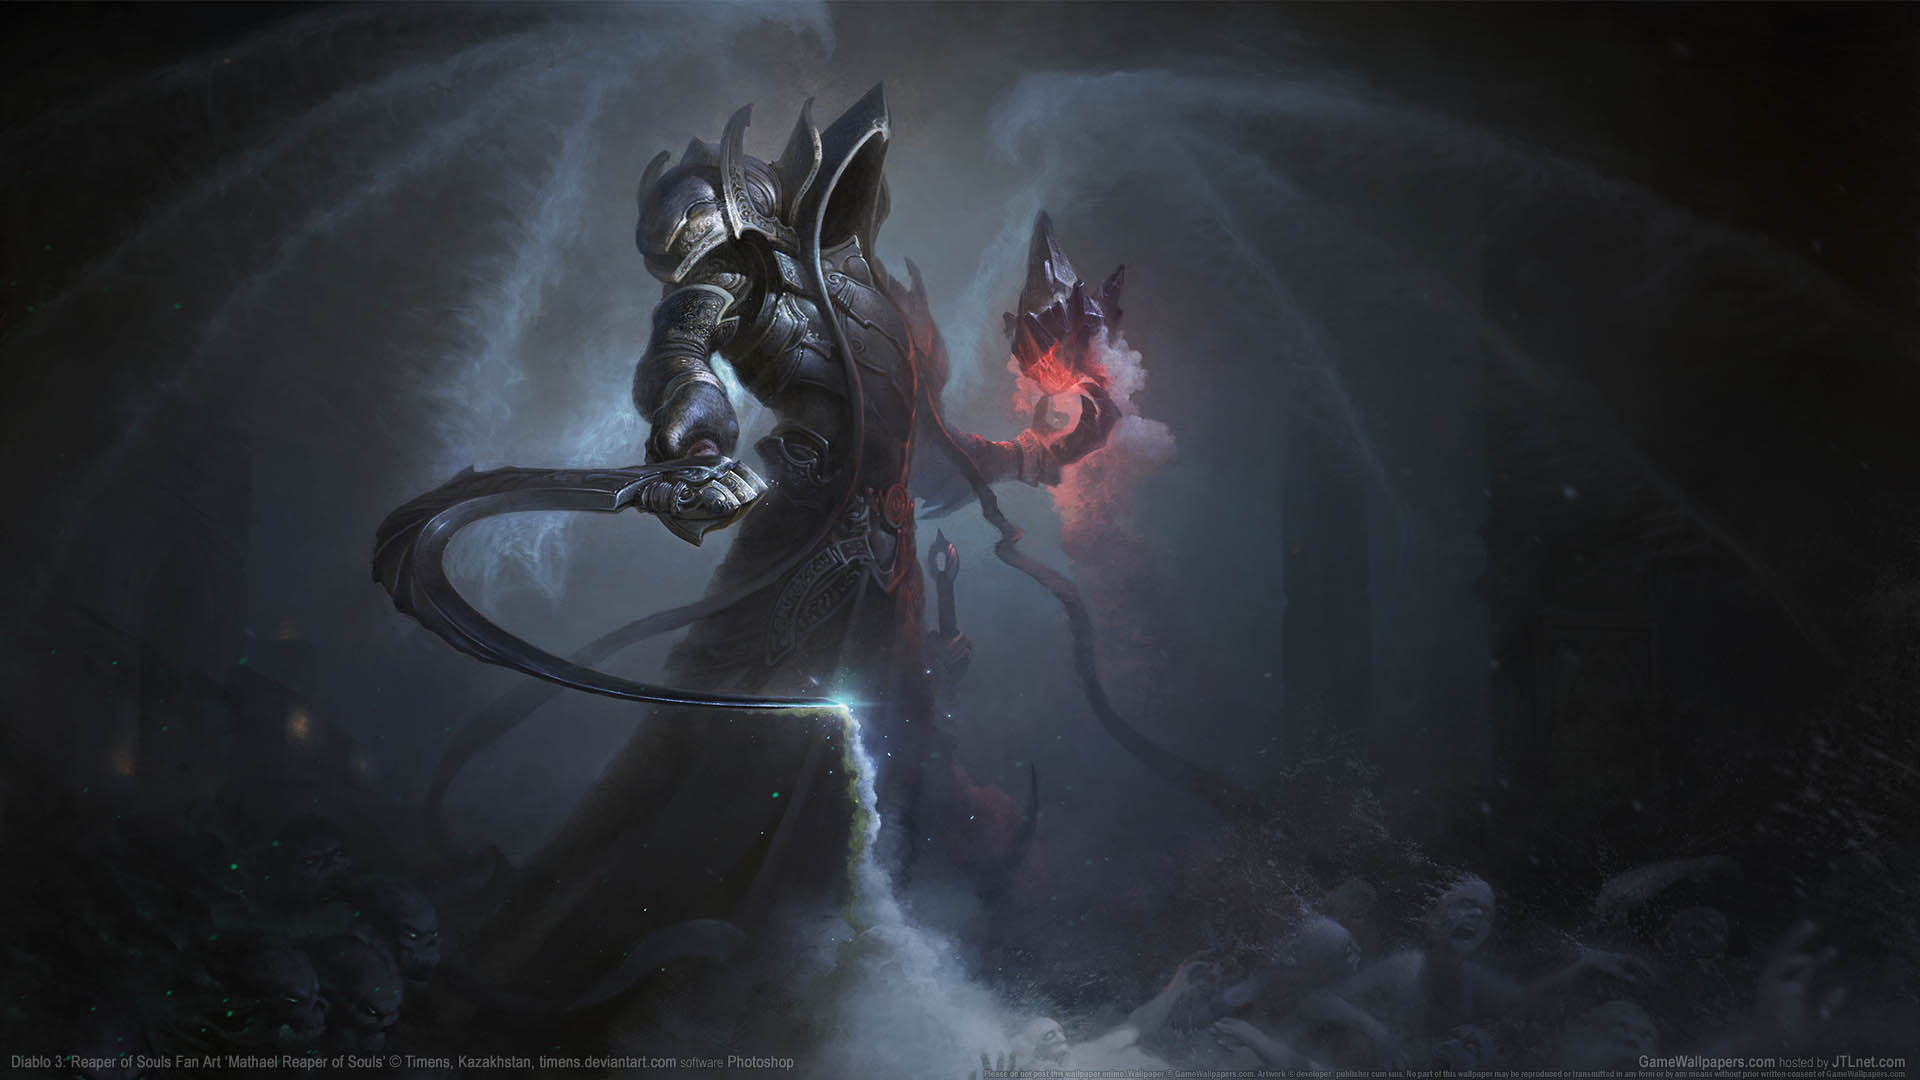 Diablo 3 Reaper Of Souls Wallpapers: Diablo 3: Reaper Of Souls Fan Art Wallpaper 11 1920x1080